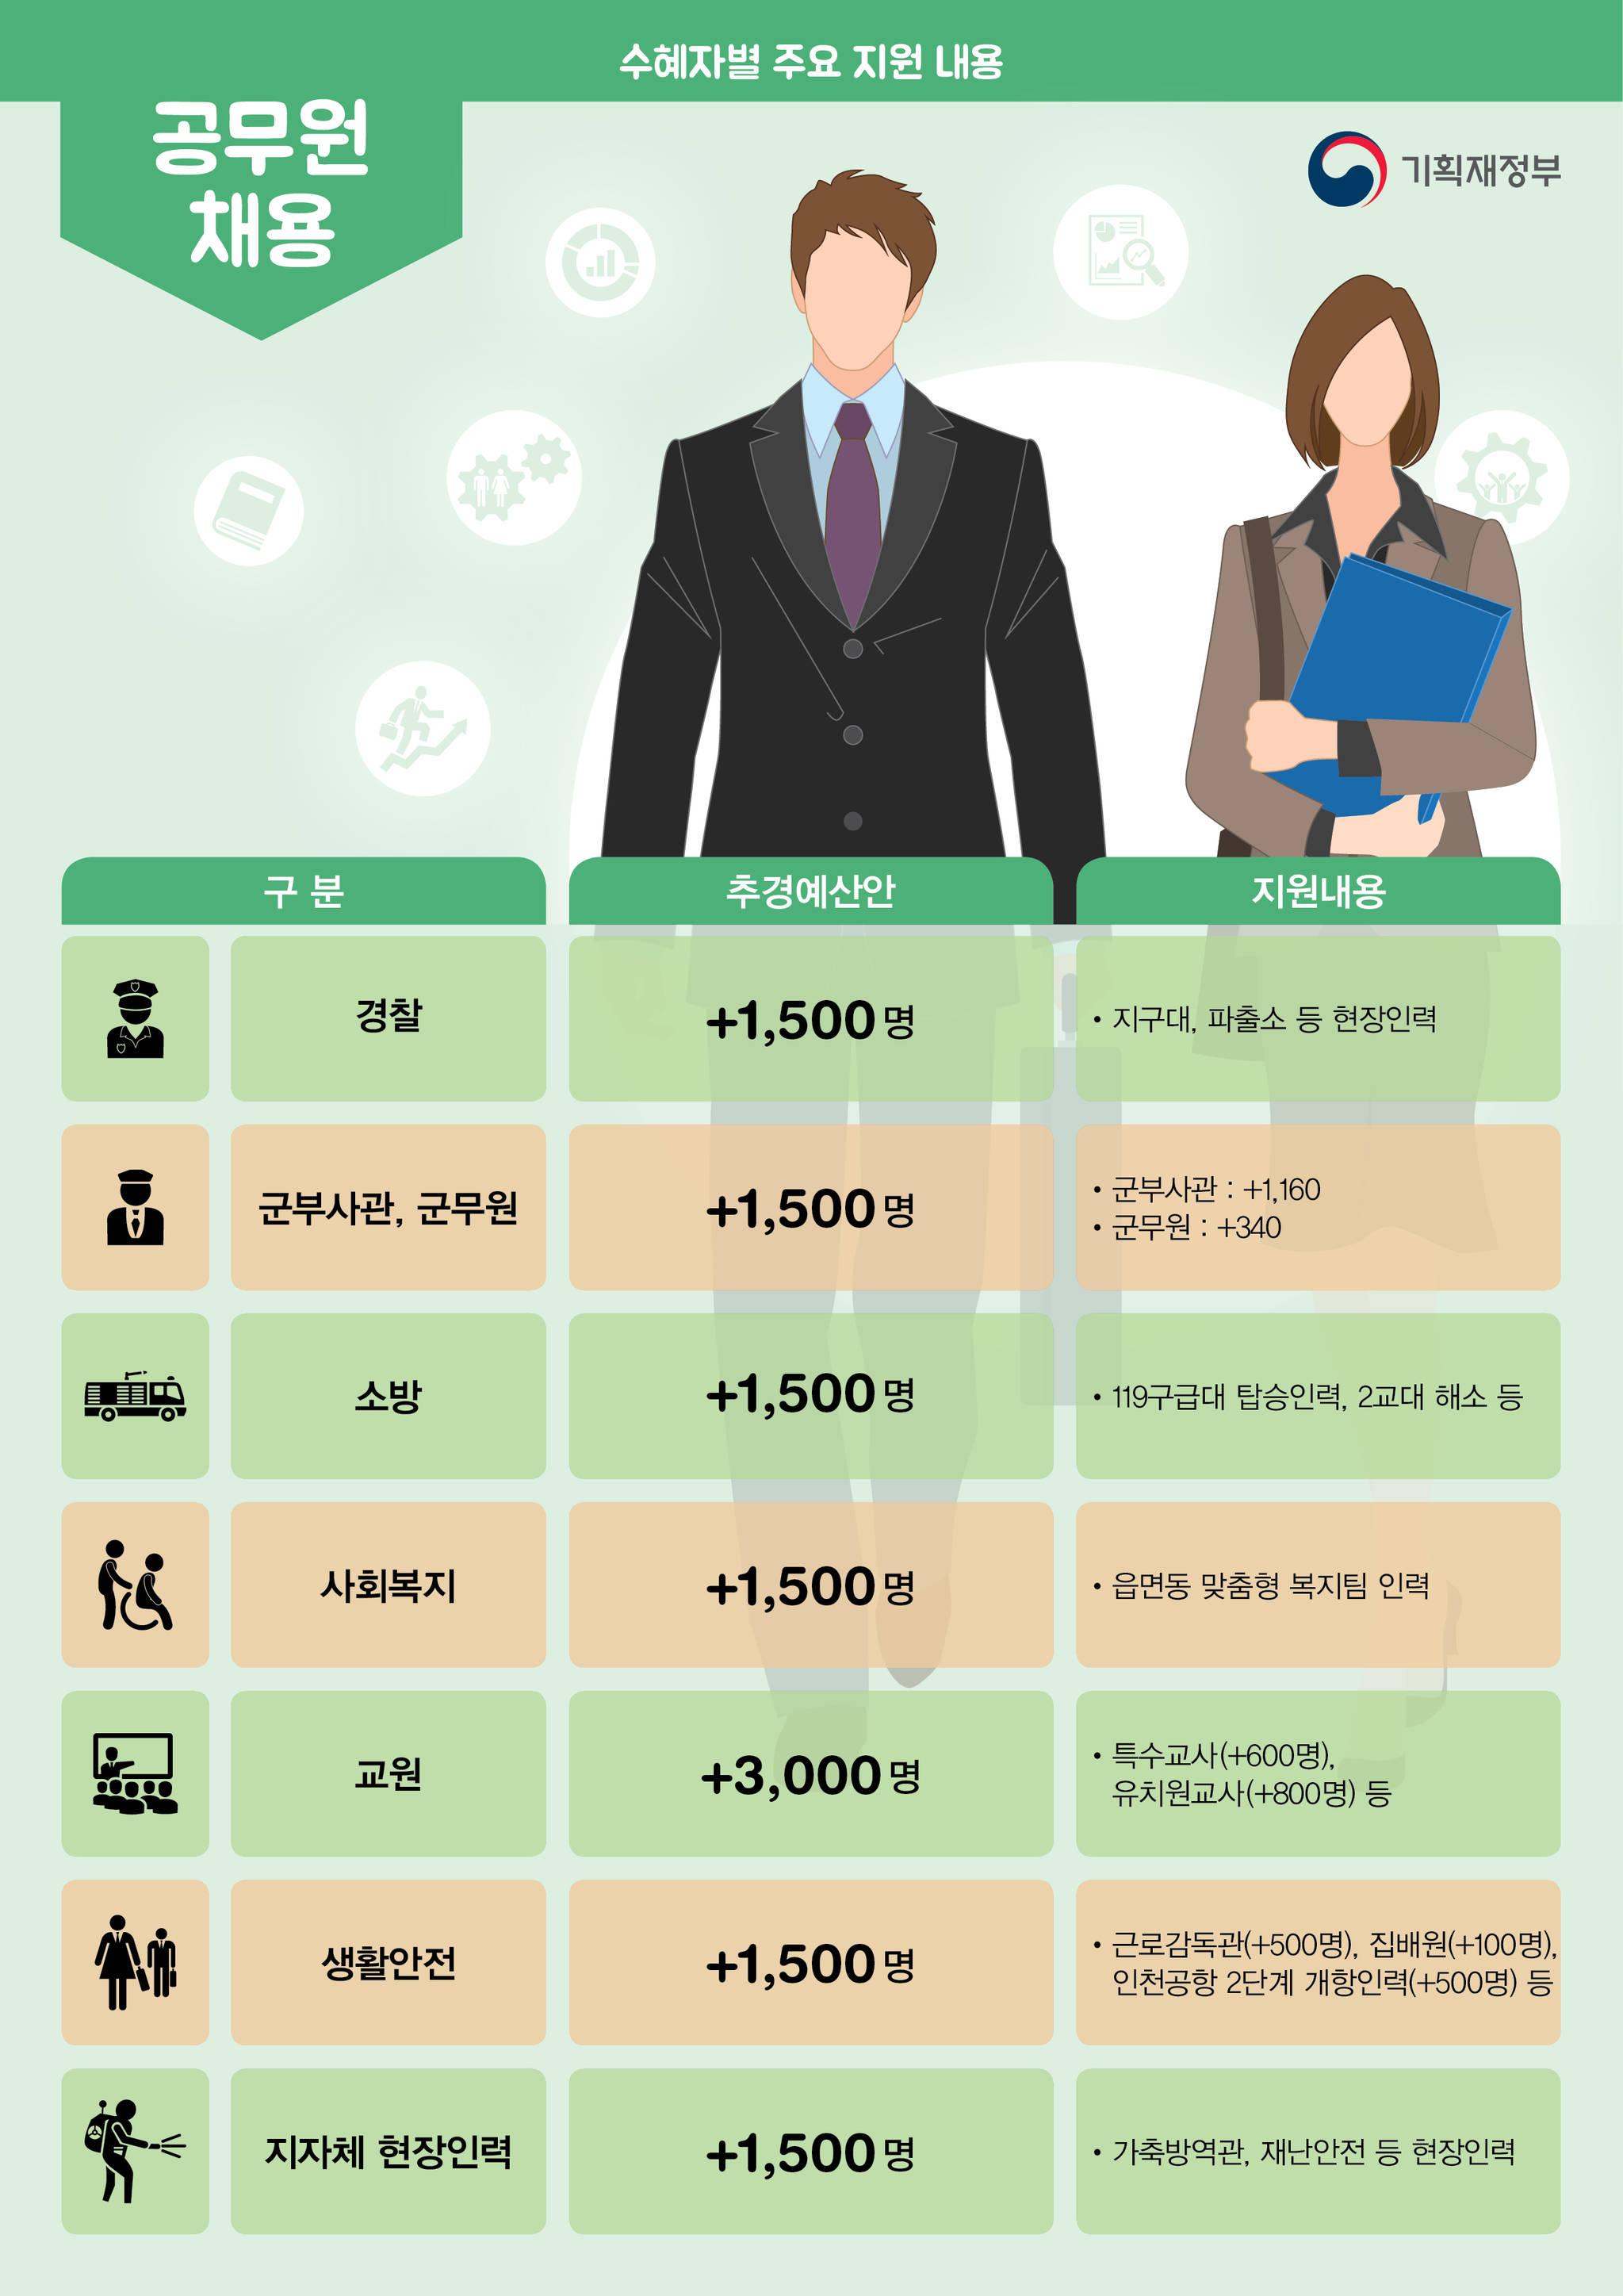 공무원 채용 규모